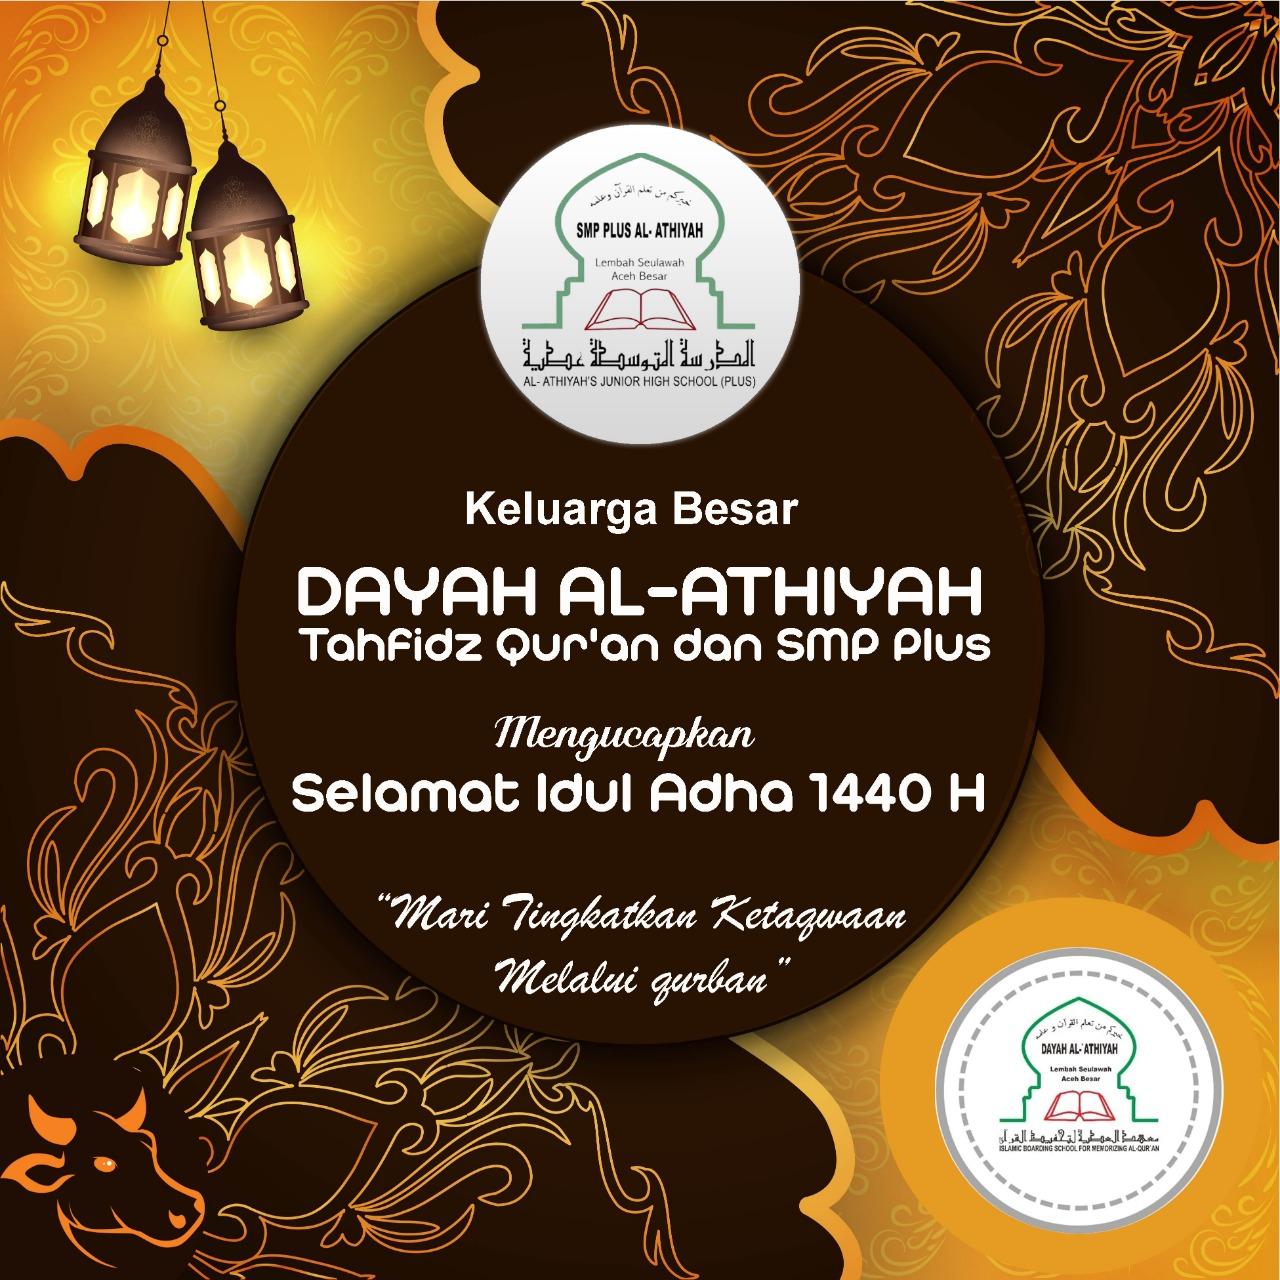 Selamat memperingati hari Raya Idul Adha 1440 H